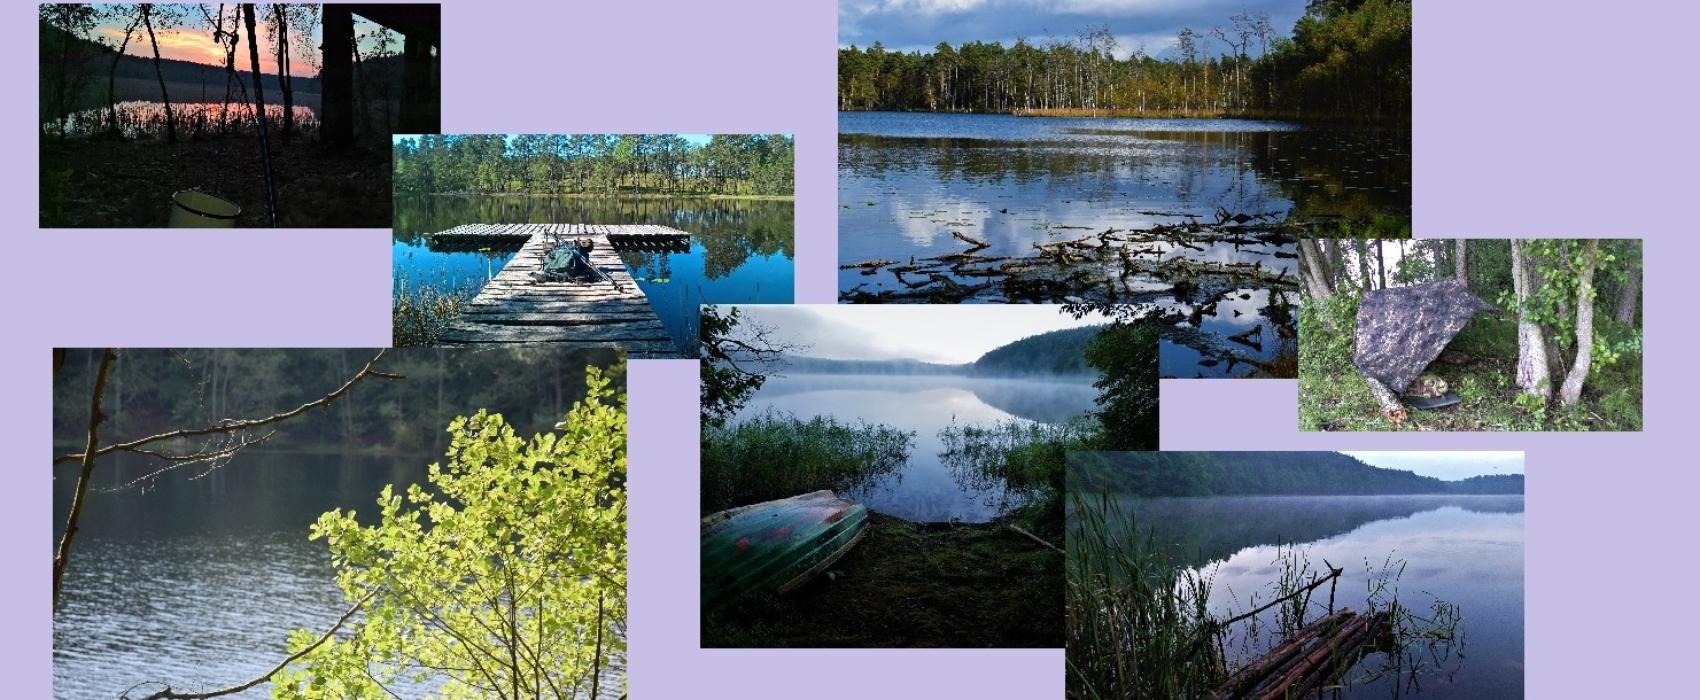 Kaszubskie jeziora. Subiektywny przegląd najlepszych miejsc [MAPY, GALERIA] 3